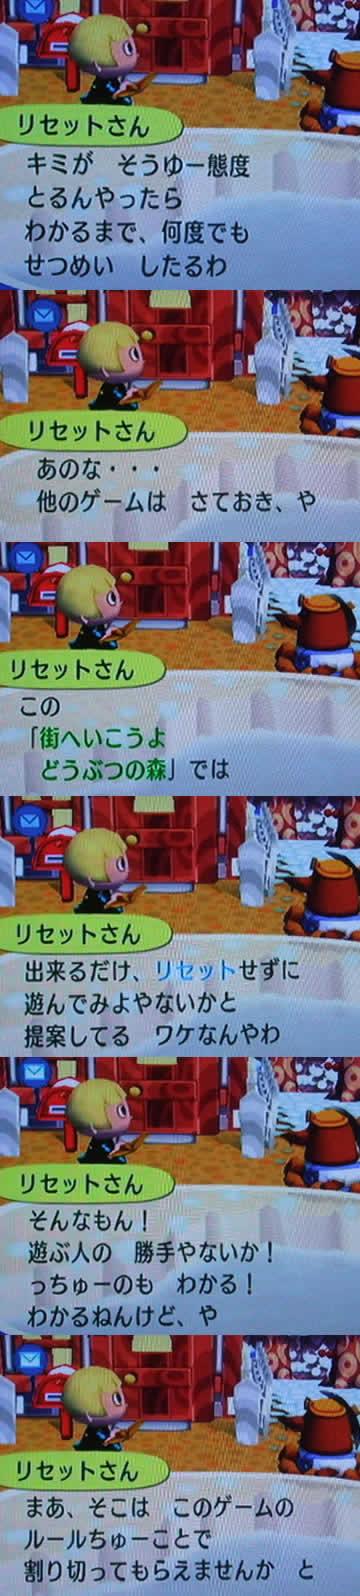 blog20120930bc.jpg